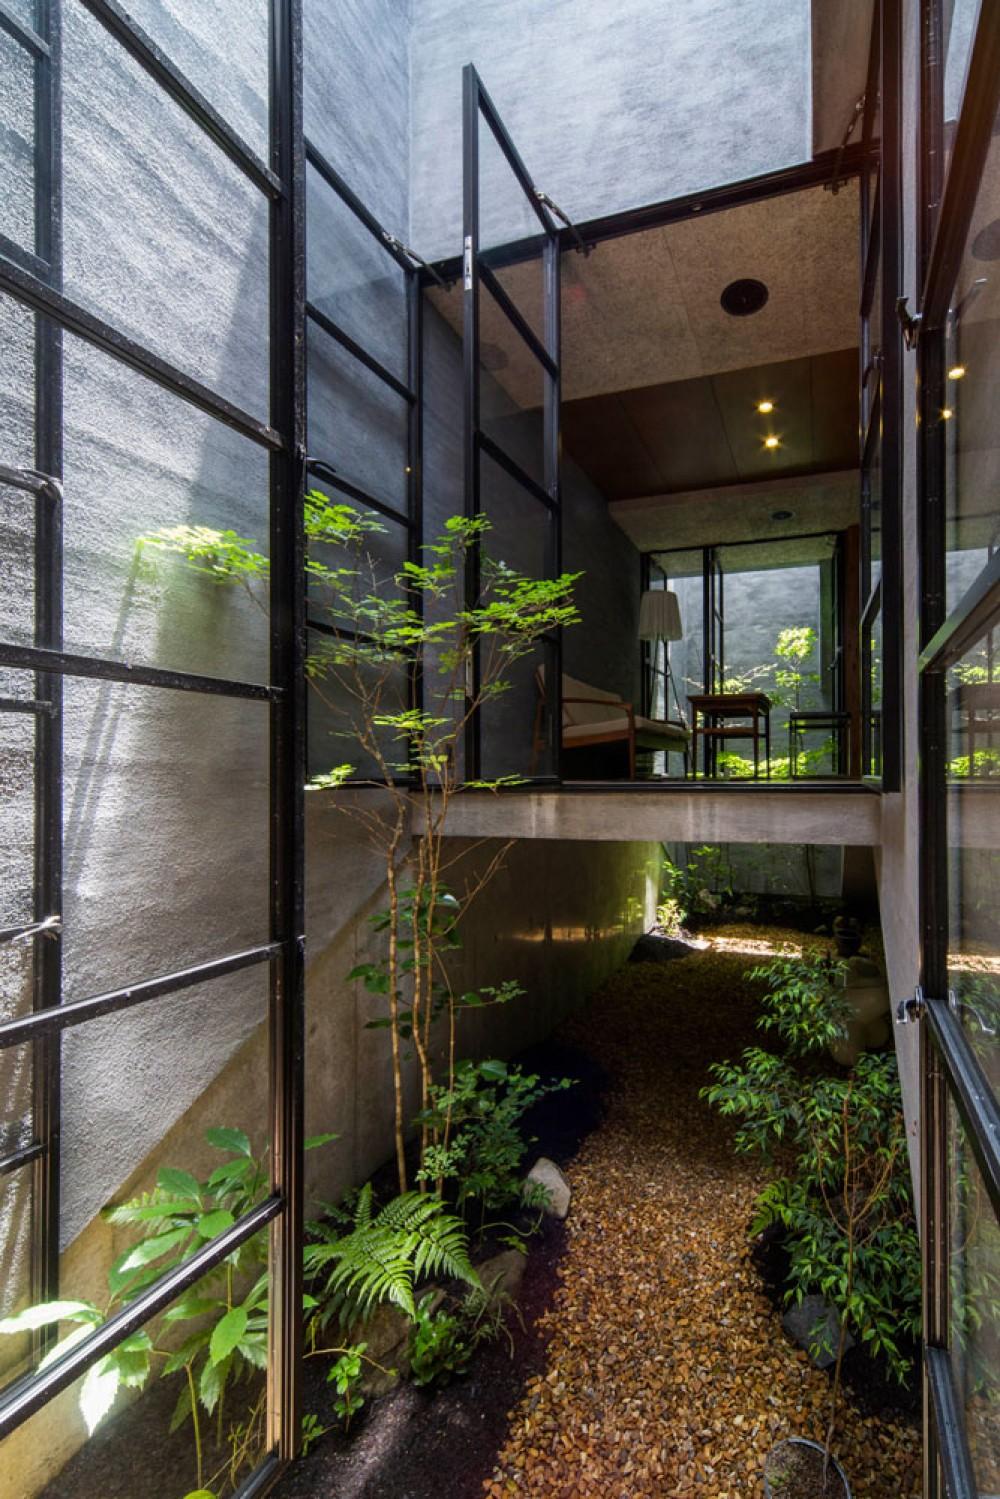 Căn nhà ống kín như bưng nhưng bên trong lại tràn ngập ánh sáng tự nhiên đến khó tin ở Nhật - Ảnh 7.